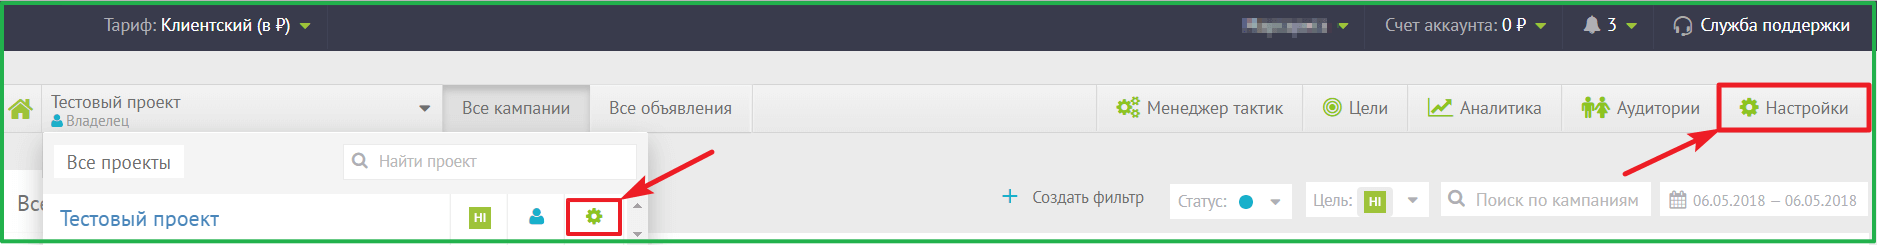 Как получить access_token для приложения вконтакте